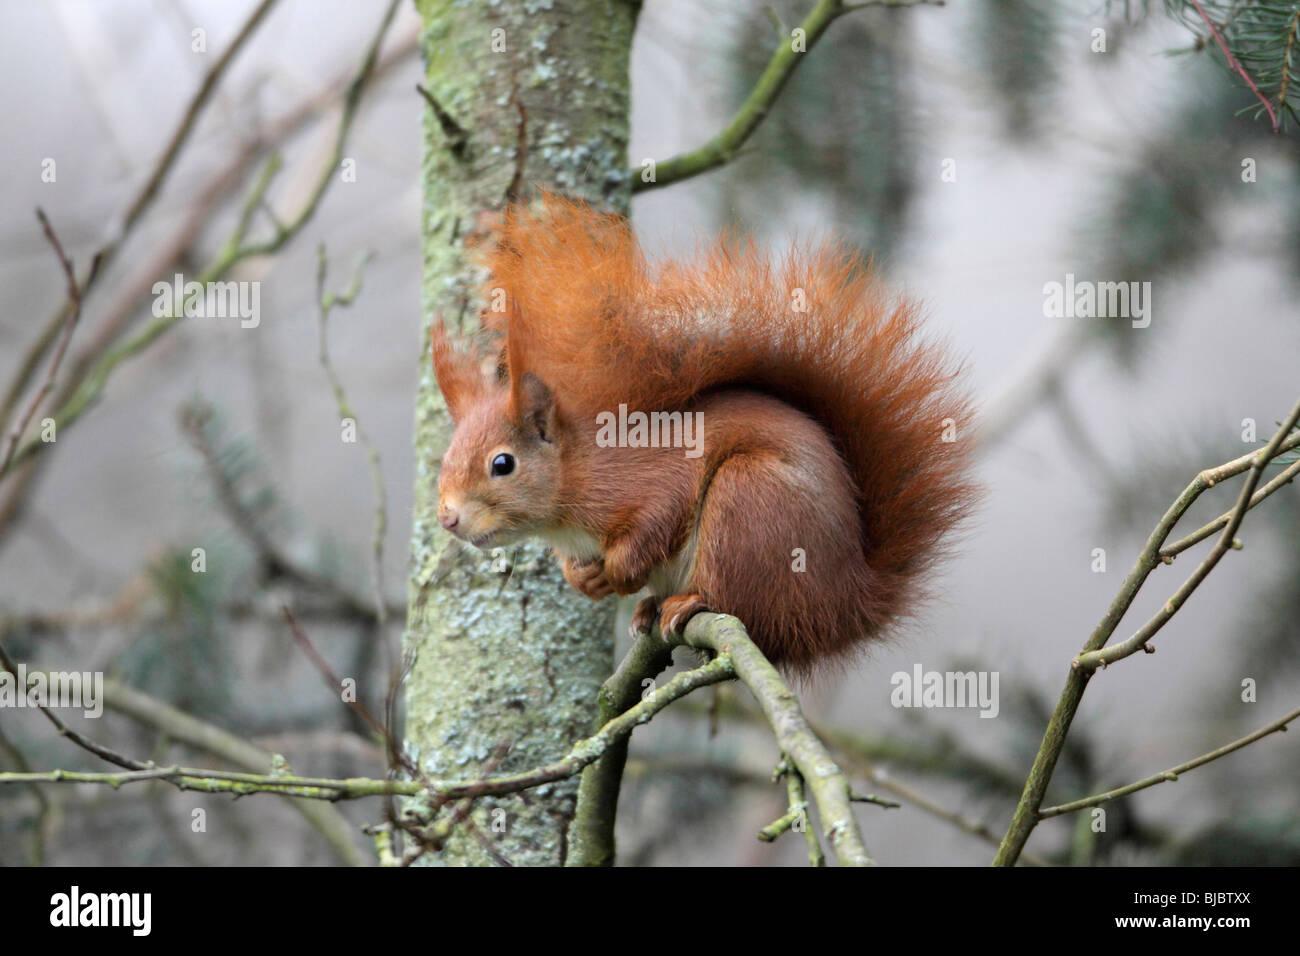 Europäische Eichhörnchen (Sciurus Vulgaris), auf Ast, ruhen Stockbild